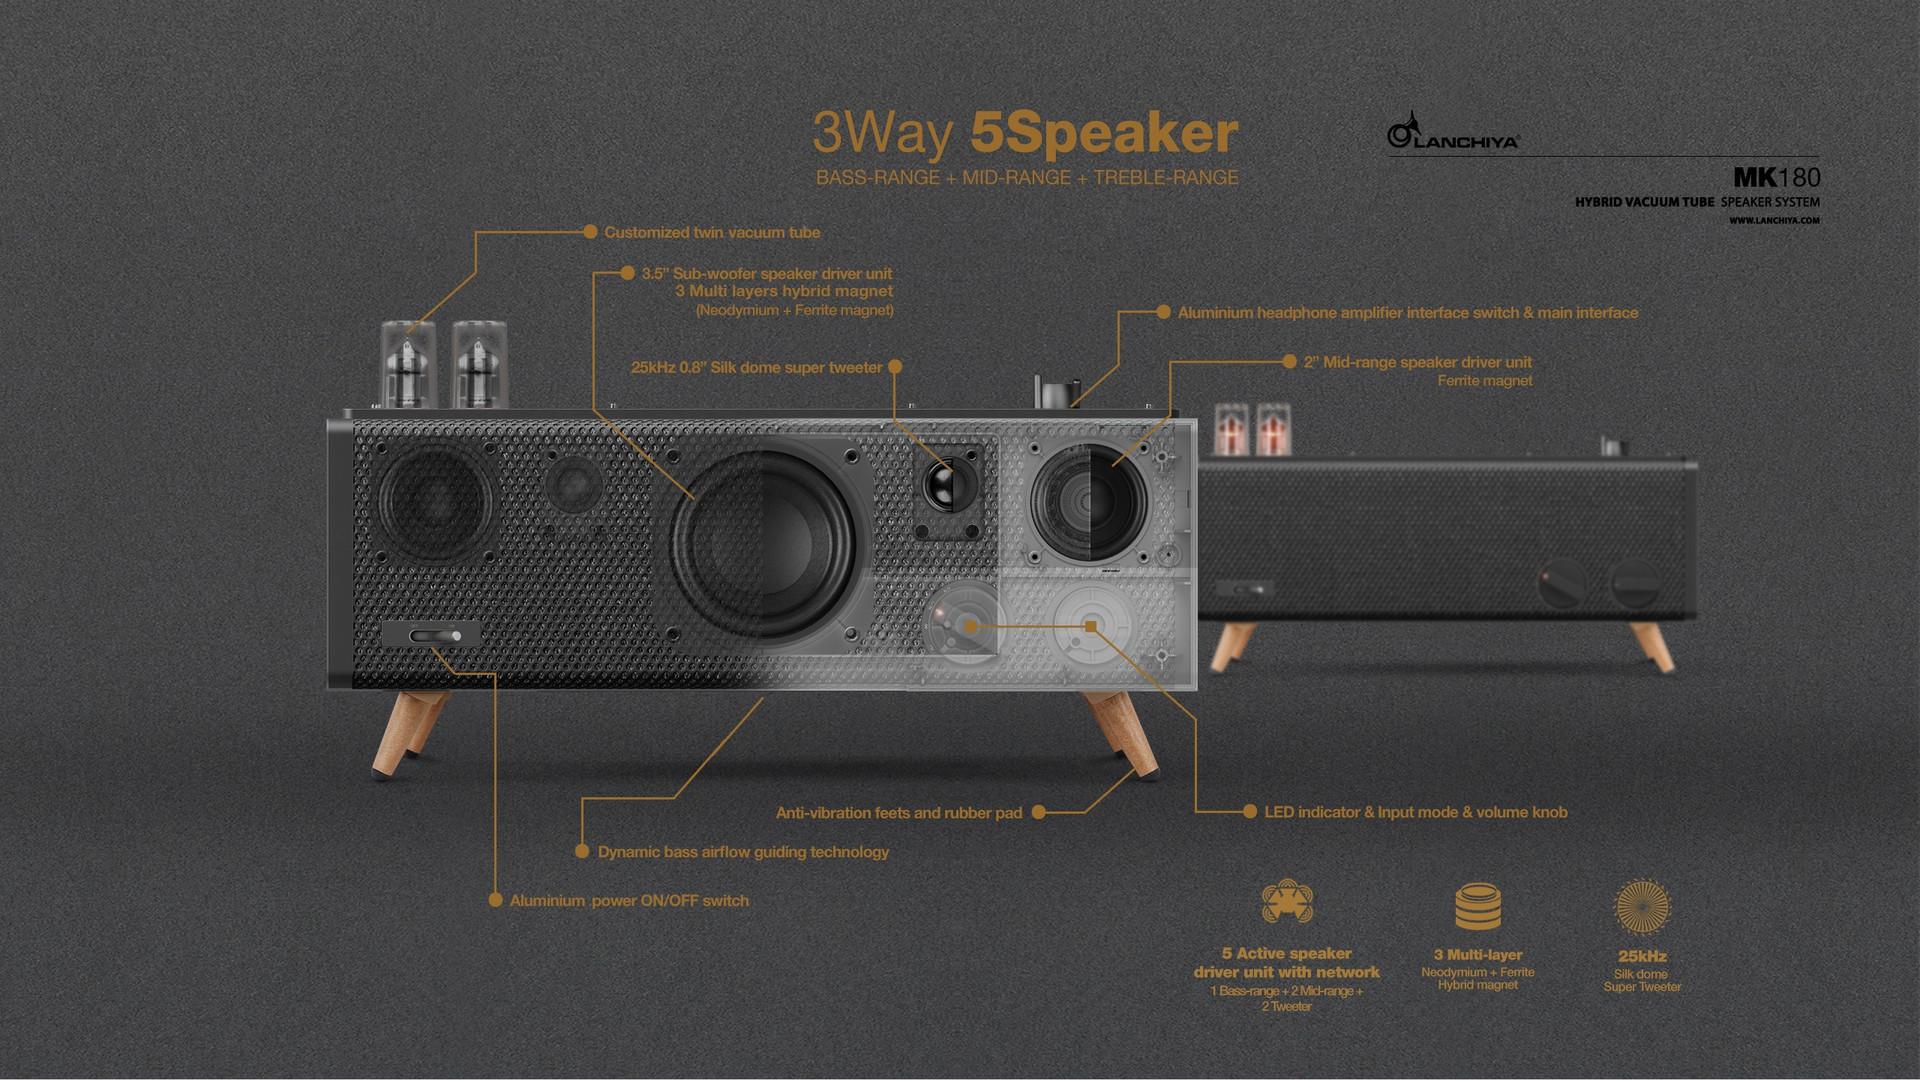 3Way 5Speaker design